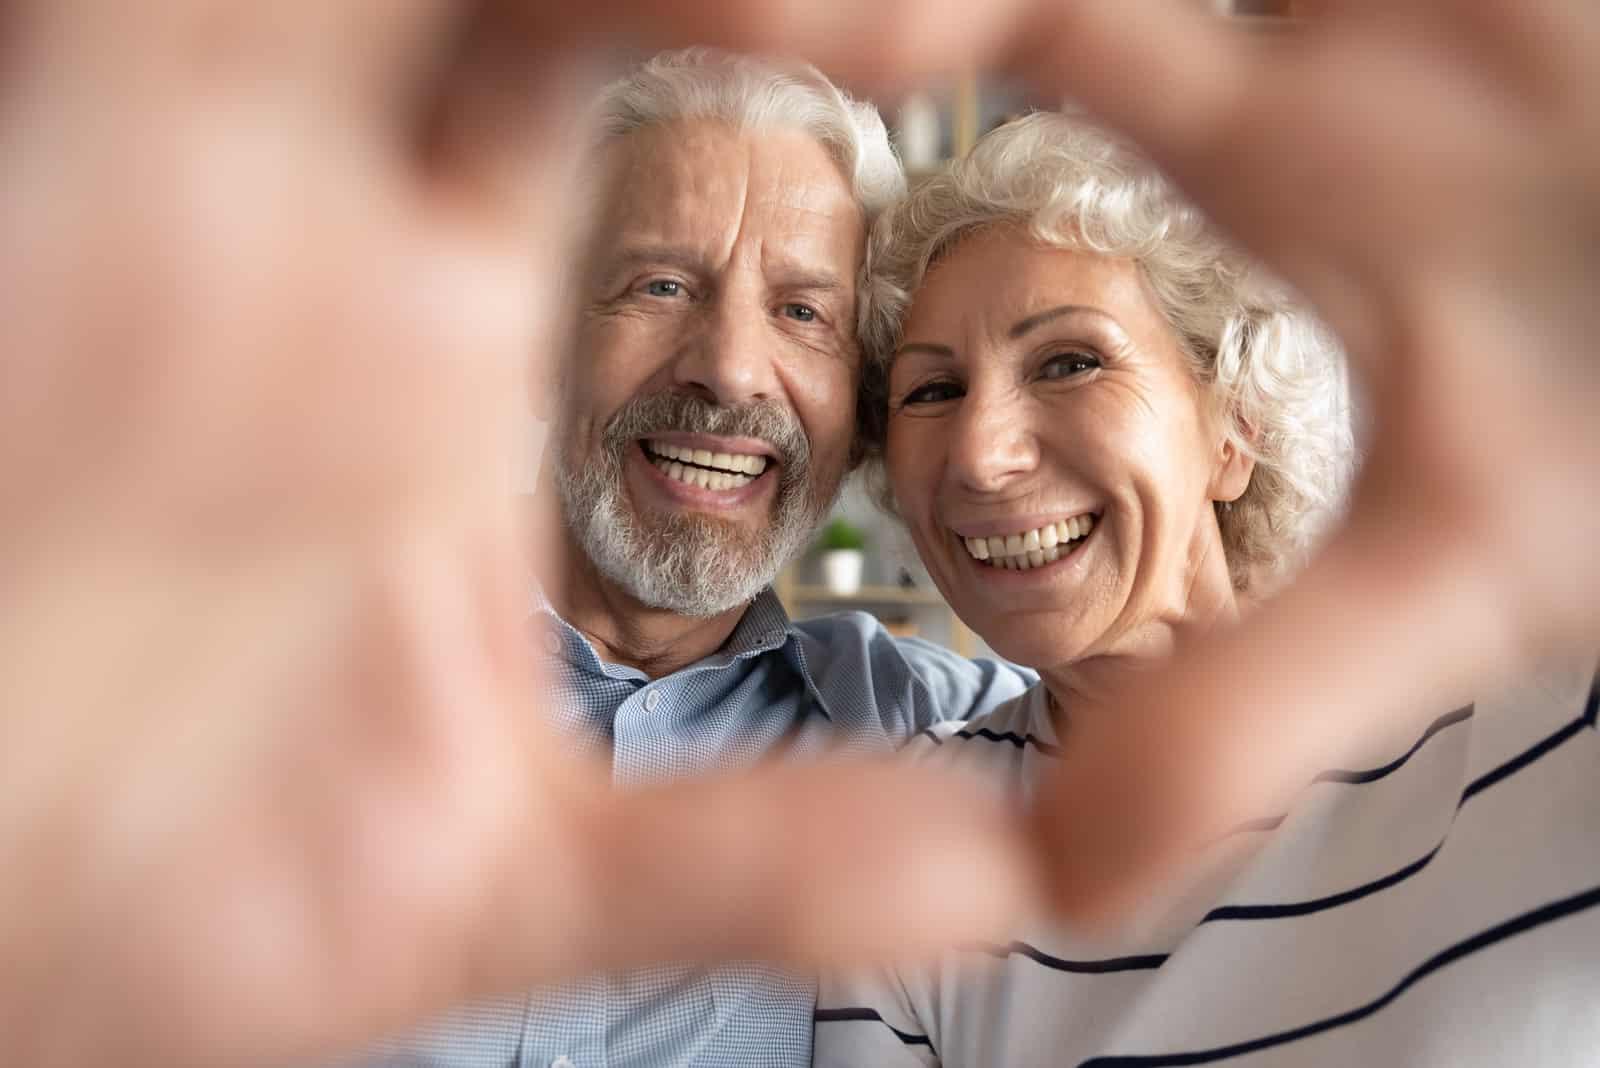 Porträt eines überglücklichen Ehepaares mittleren Alters im Alter von 60 Jahren